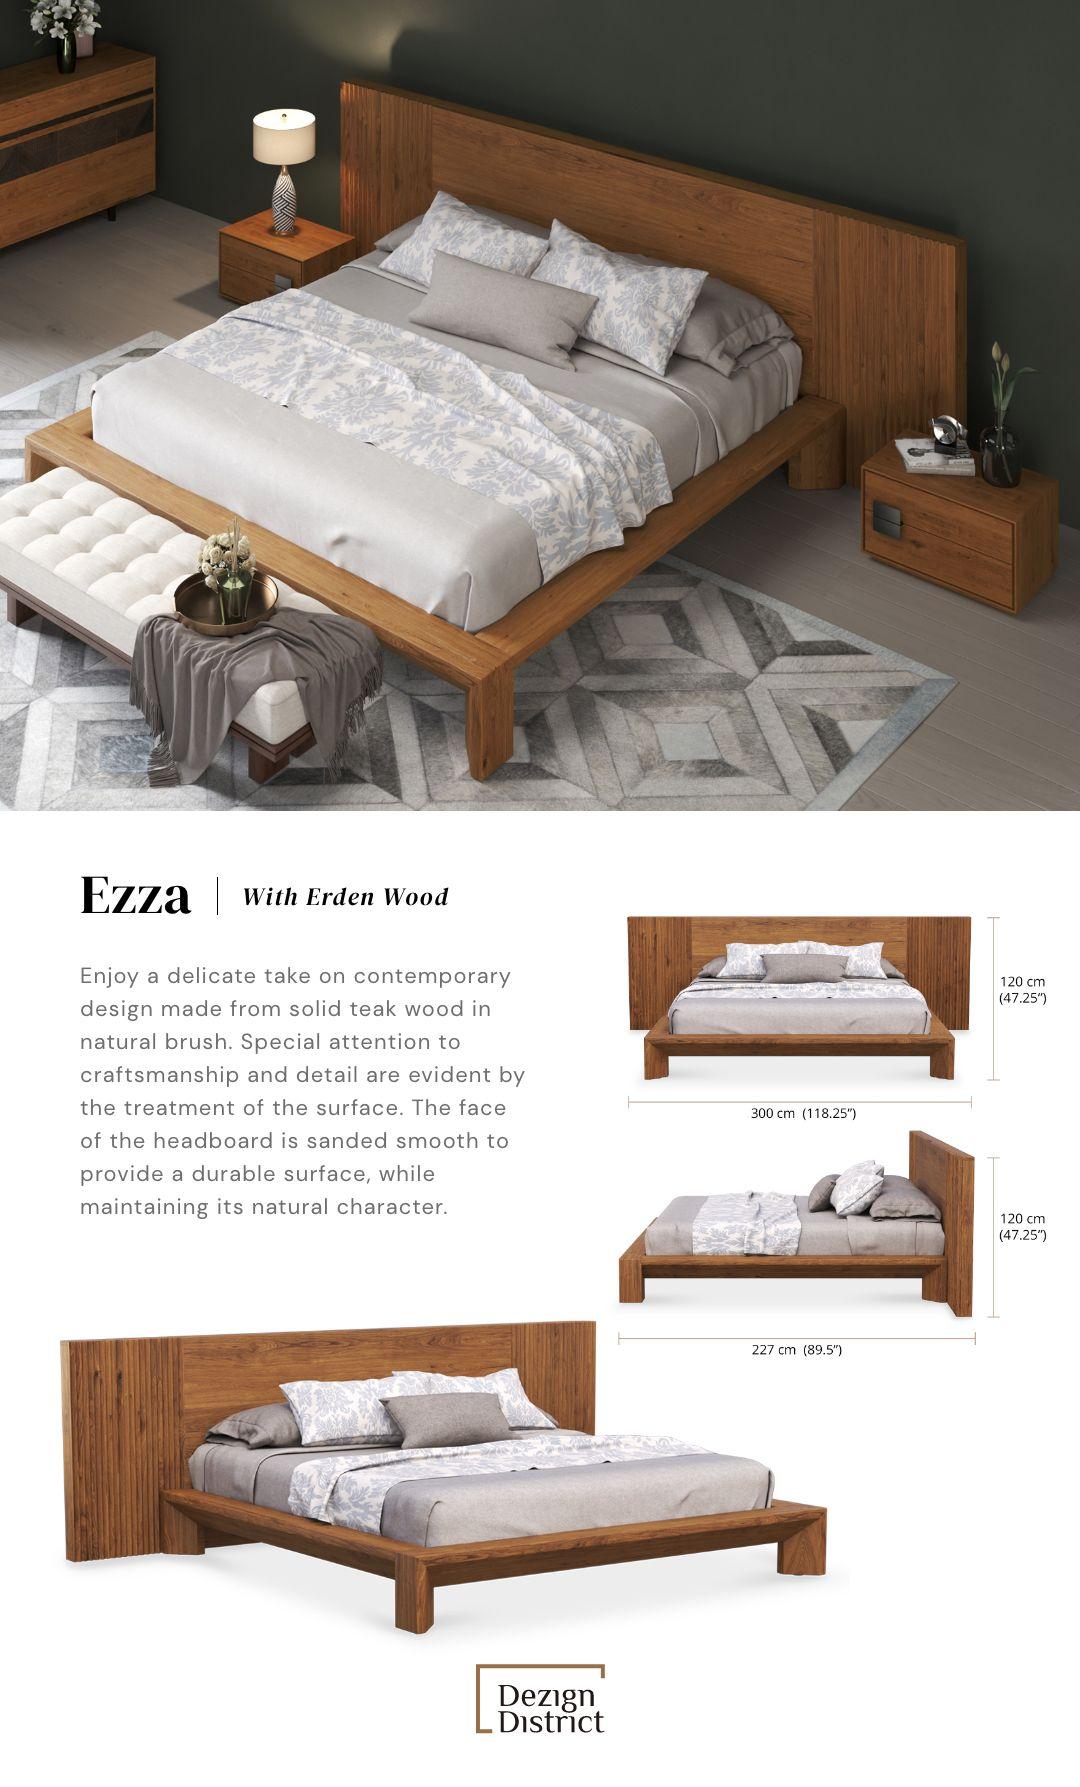 Ezza Custom Bed With Erden Wood In 2020 Custom Bed Custom Bed